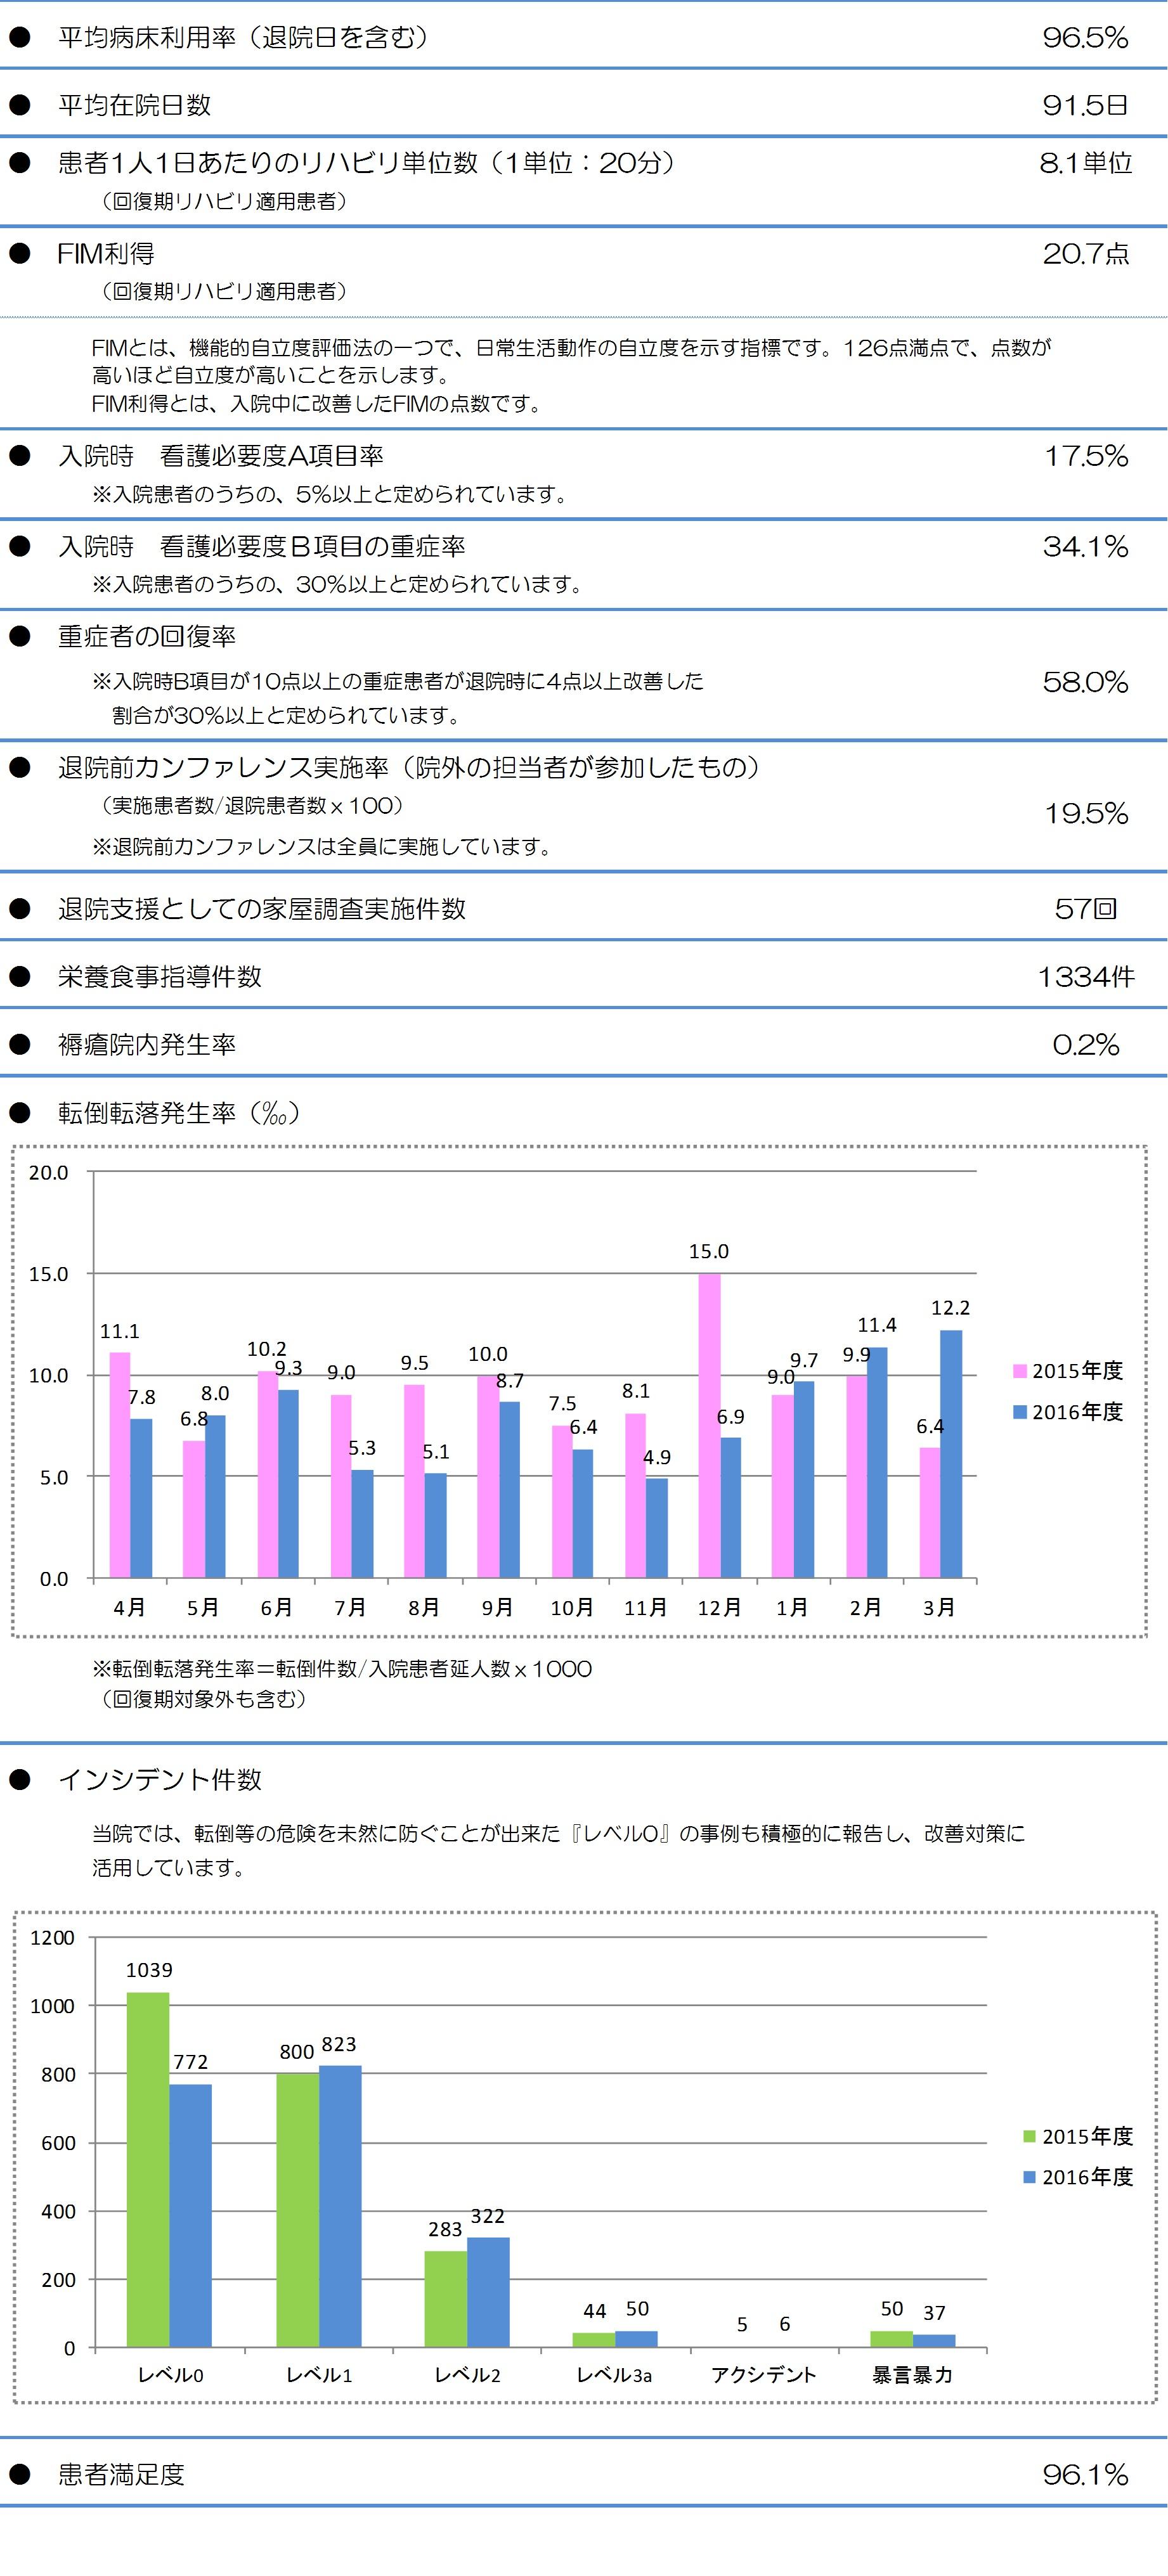 統計資料28